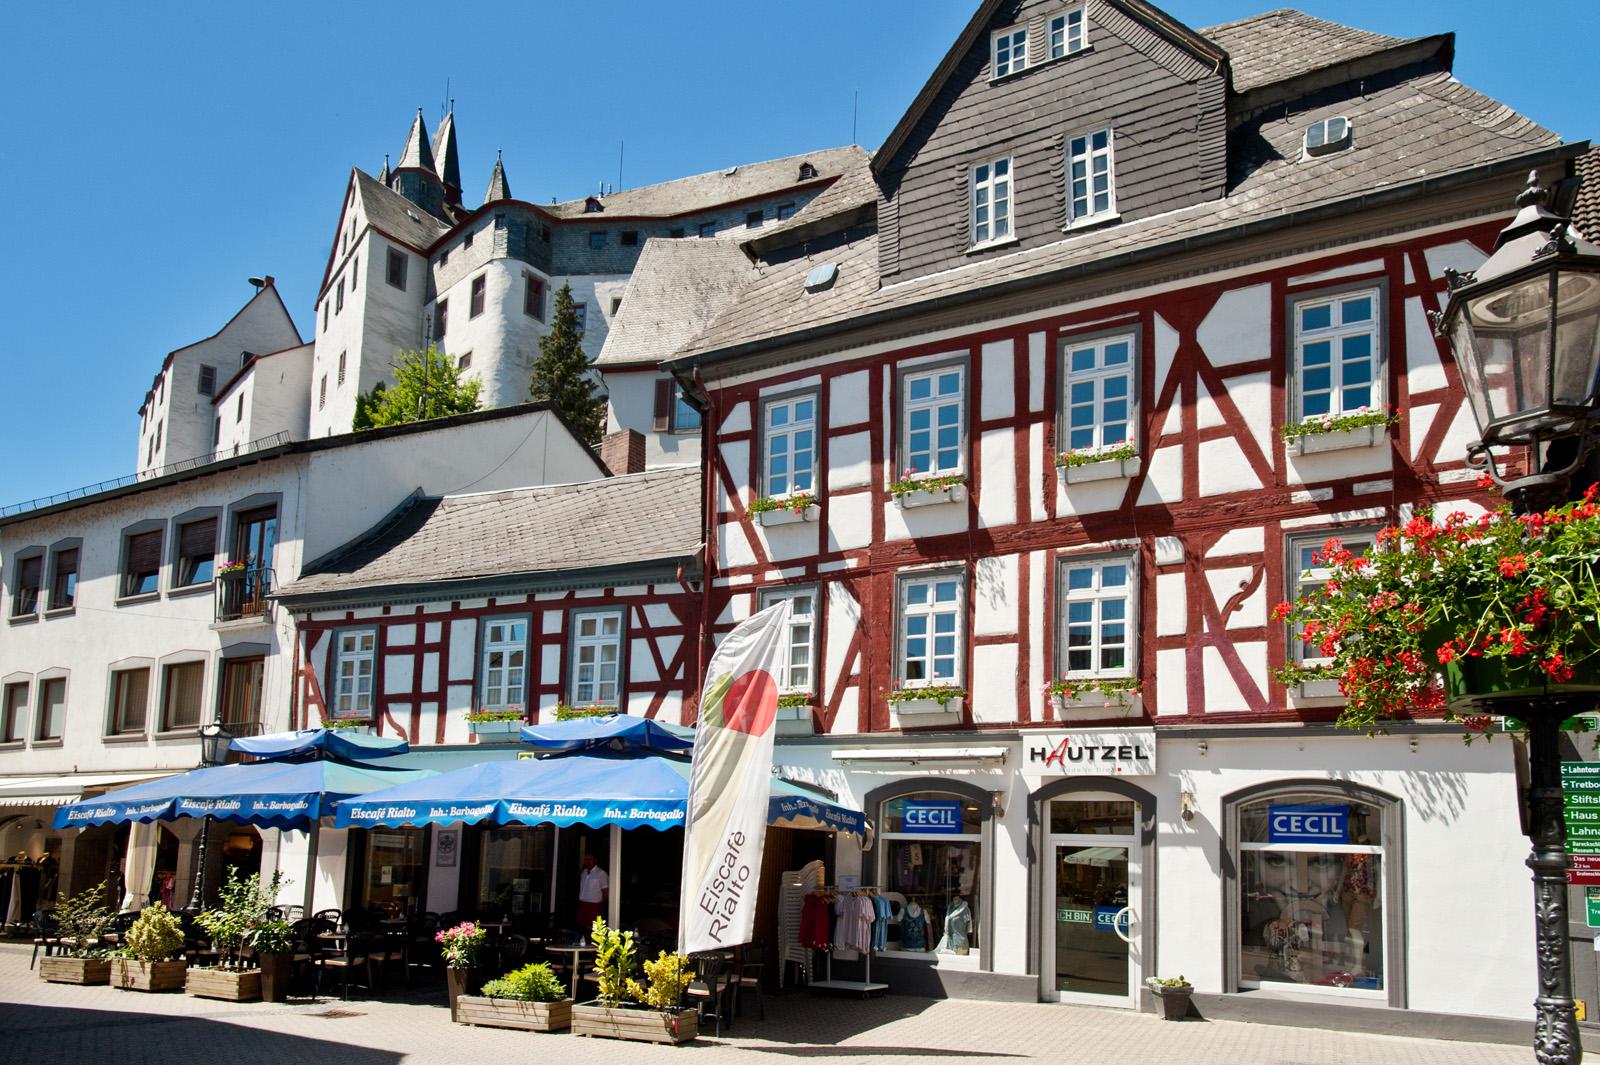 Vakwerkhuis in de oude stadskern van Diez, Lahndal